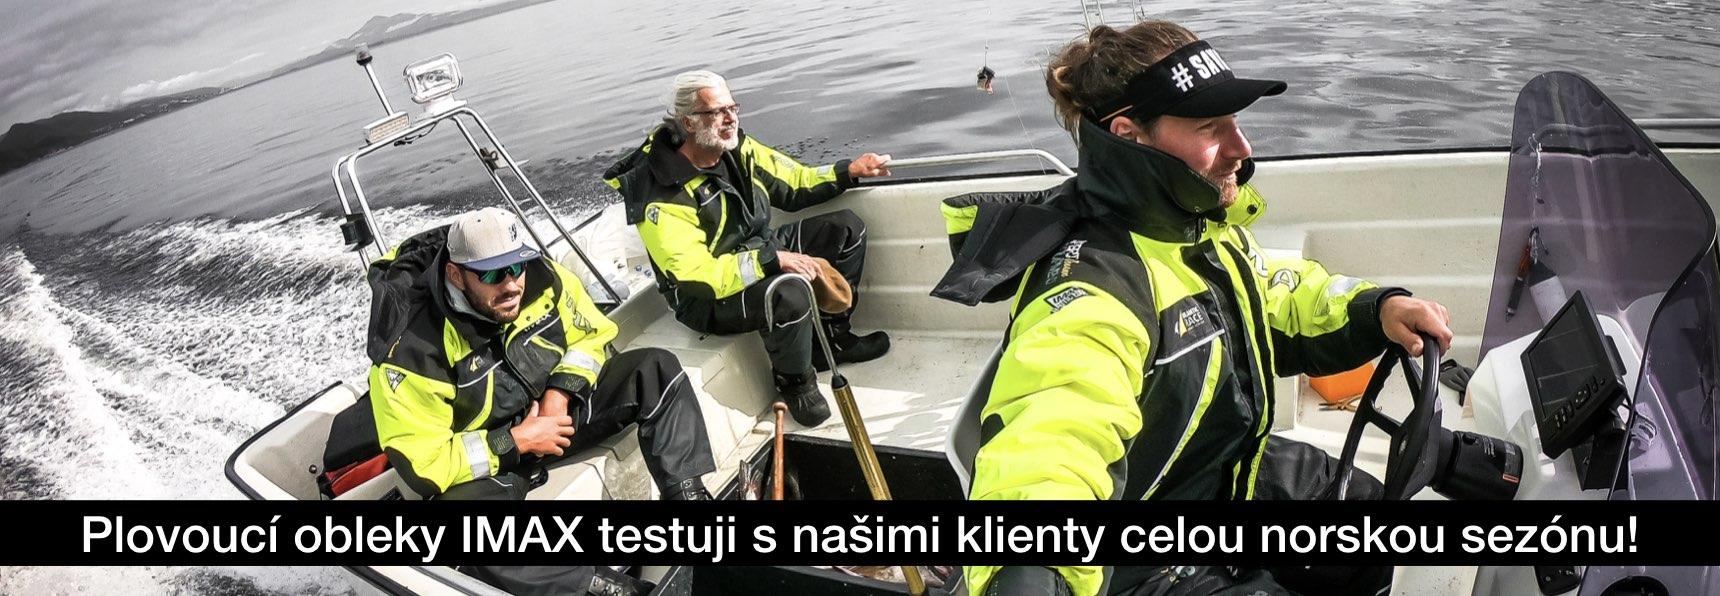 Test plovoucích obleků Imax